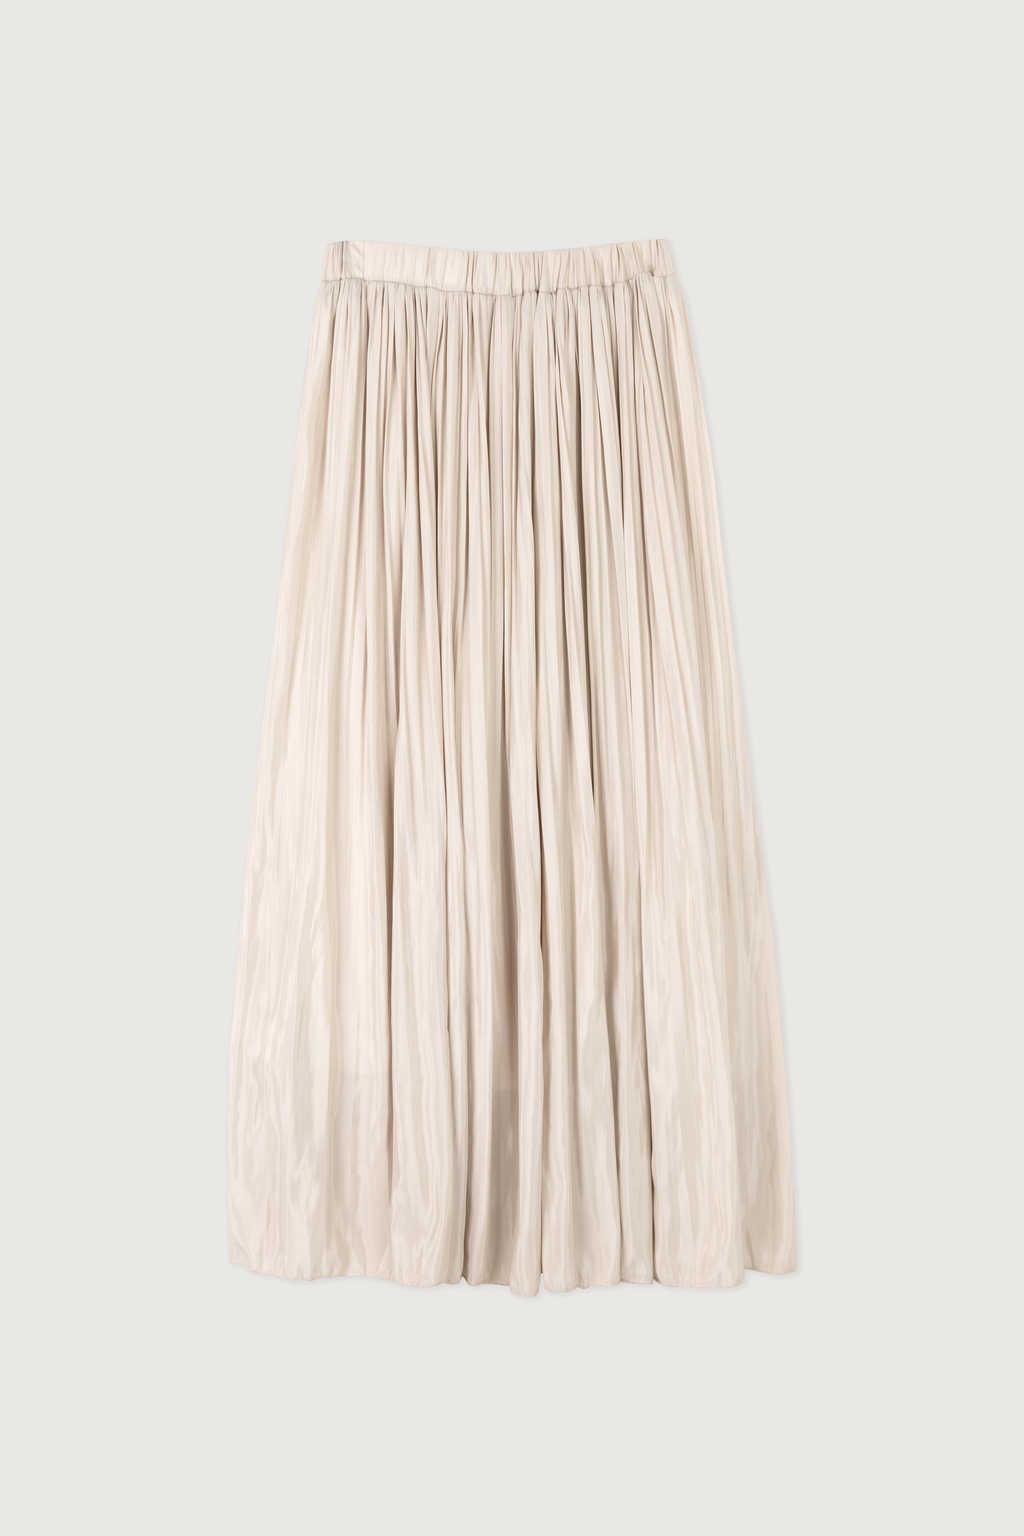 Skirt K015 Beige 5